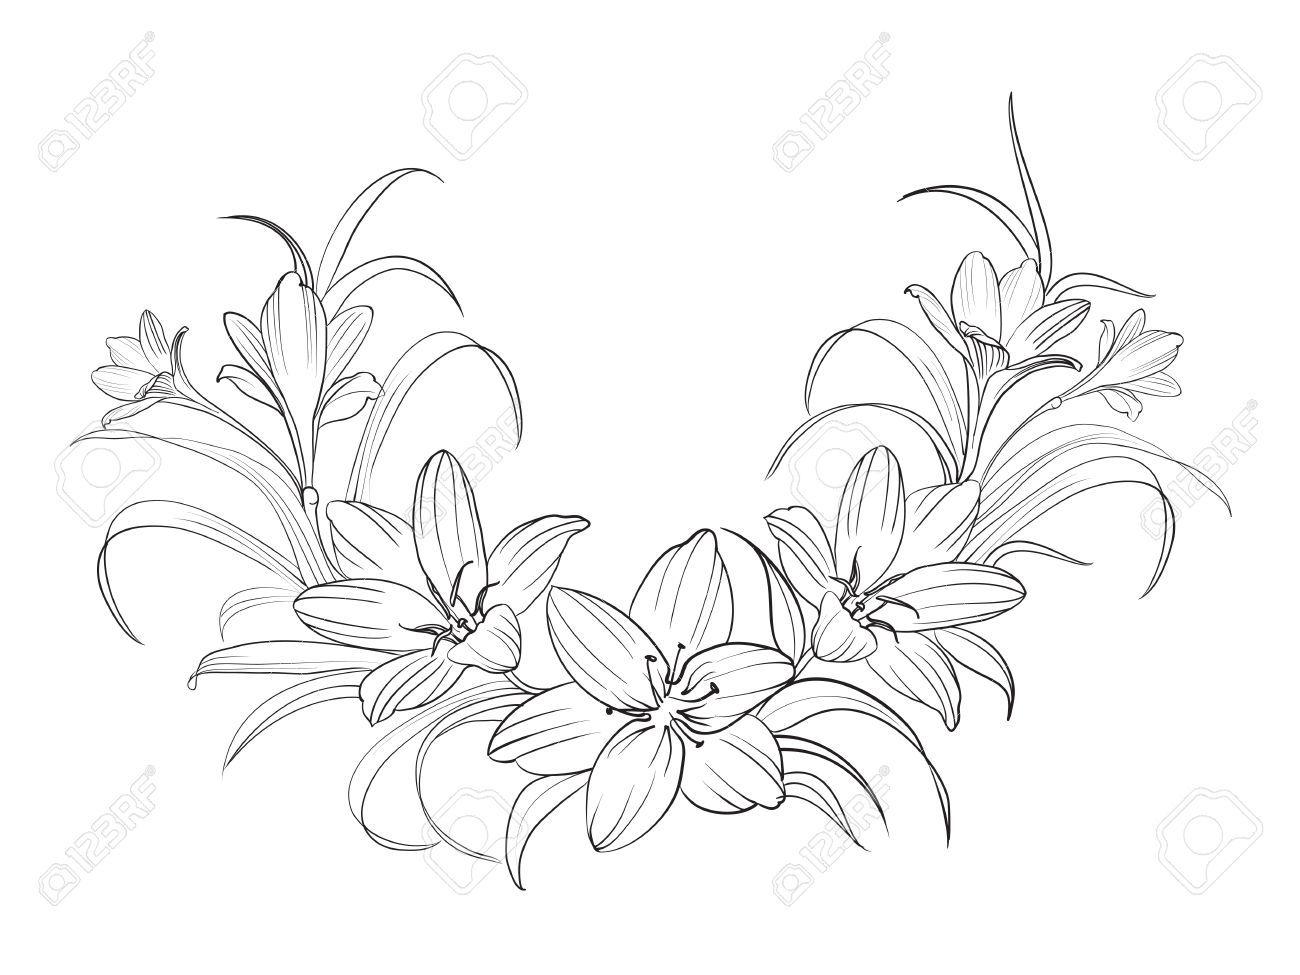 crocus blumen isoliert ber wei vektor illustration in 2019 tattoo blumen flower blumen. Black Bedroom Furniture Sets. Home Design Ideas